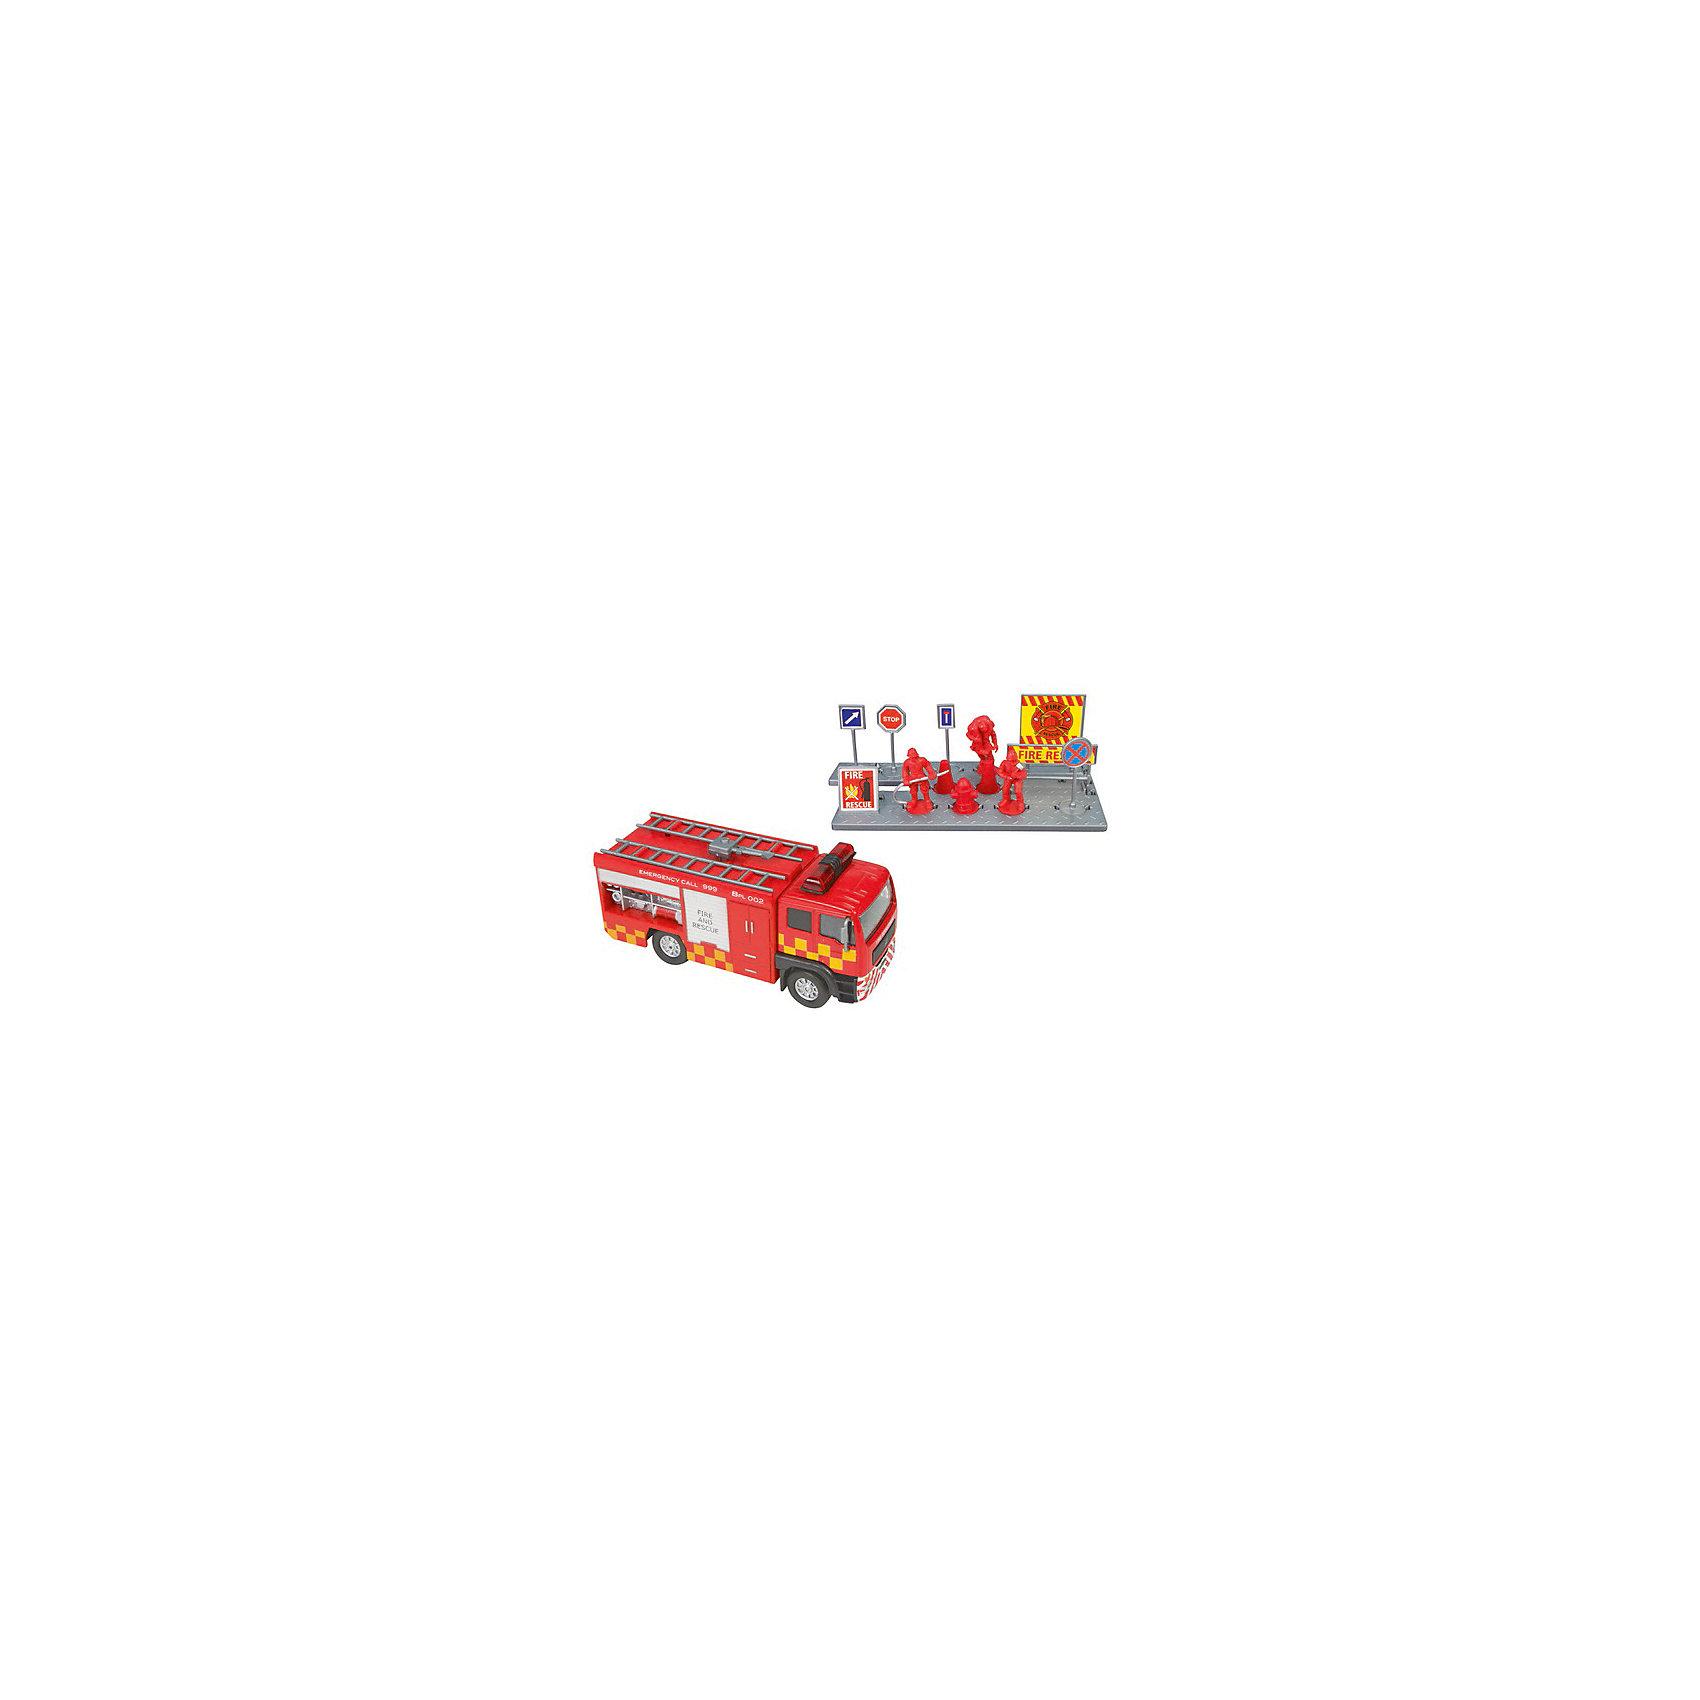 Спасательная команда, HTl GrоuрСамолёты и вертолёты<br>Игровой набор «Спасательная команда» от британского бренда HTI представлен двумя вариациями – полицейские с вертолетом и машиной и пожарная команда со своей профессиональной техникой и атрибутами. Вы можете приобрести один из них, или пополнить коллекцию обеими.<br>Такой набор рекомендуется производителем для детей от 3 лет, но идеально подойдет и для взрослых коллекционеров масштабных моделей. Высокая степень детализации и безопасность игрушек – результат качественной работы и использования экологически чистых материалов. Игрушки отвечают строжайшим европейским стандартам качества.<br><br>Дополнительная информация:<br><br>Комплект: машинка, 3 фигурки спасателей, аксессуары.<br>Материал: пластик.<br>Размер упаковки: 10.2 х 11.5 х 36.2 см.<br><br><br><br>Спасательная команда, HTl Grоuр можно купить в нашем магазине.<br><br>Ширина мм: 36<br>Глубина мм: 10<br>Высота мм: 12<br>Вес г: 180<br>Возраст от месяцев: 36<br>Возраст до месяцев: 96<br>Пол: Мужской<br>Возраст: Детский<br>SKU: 4574036